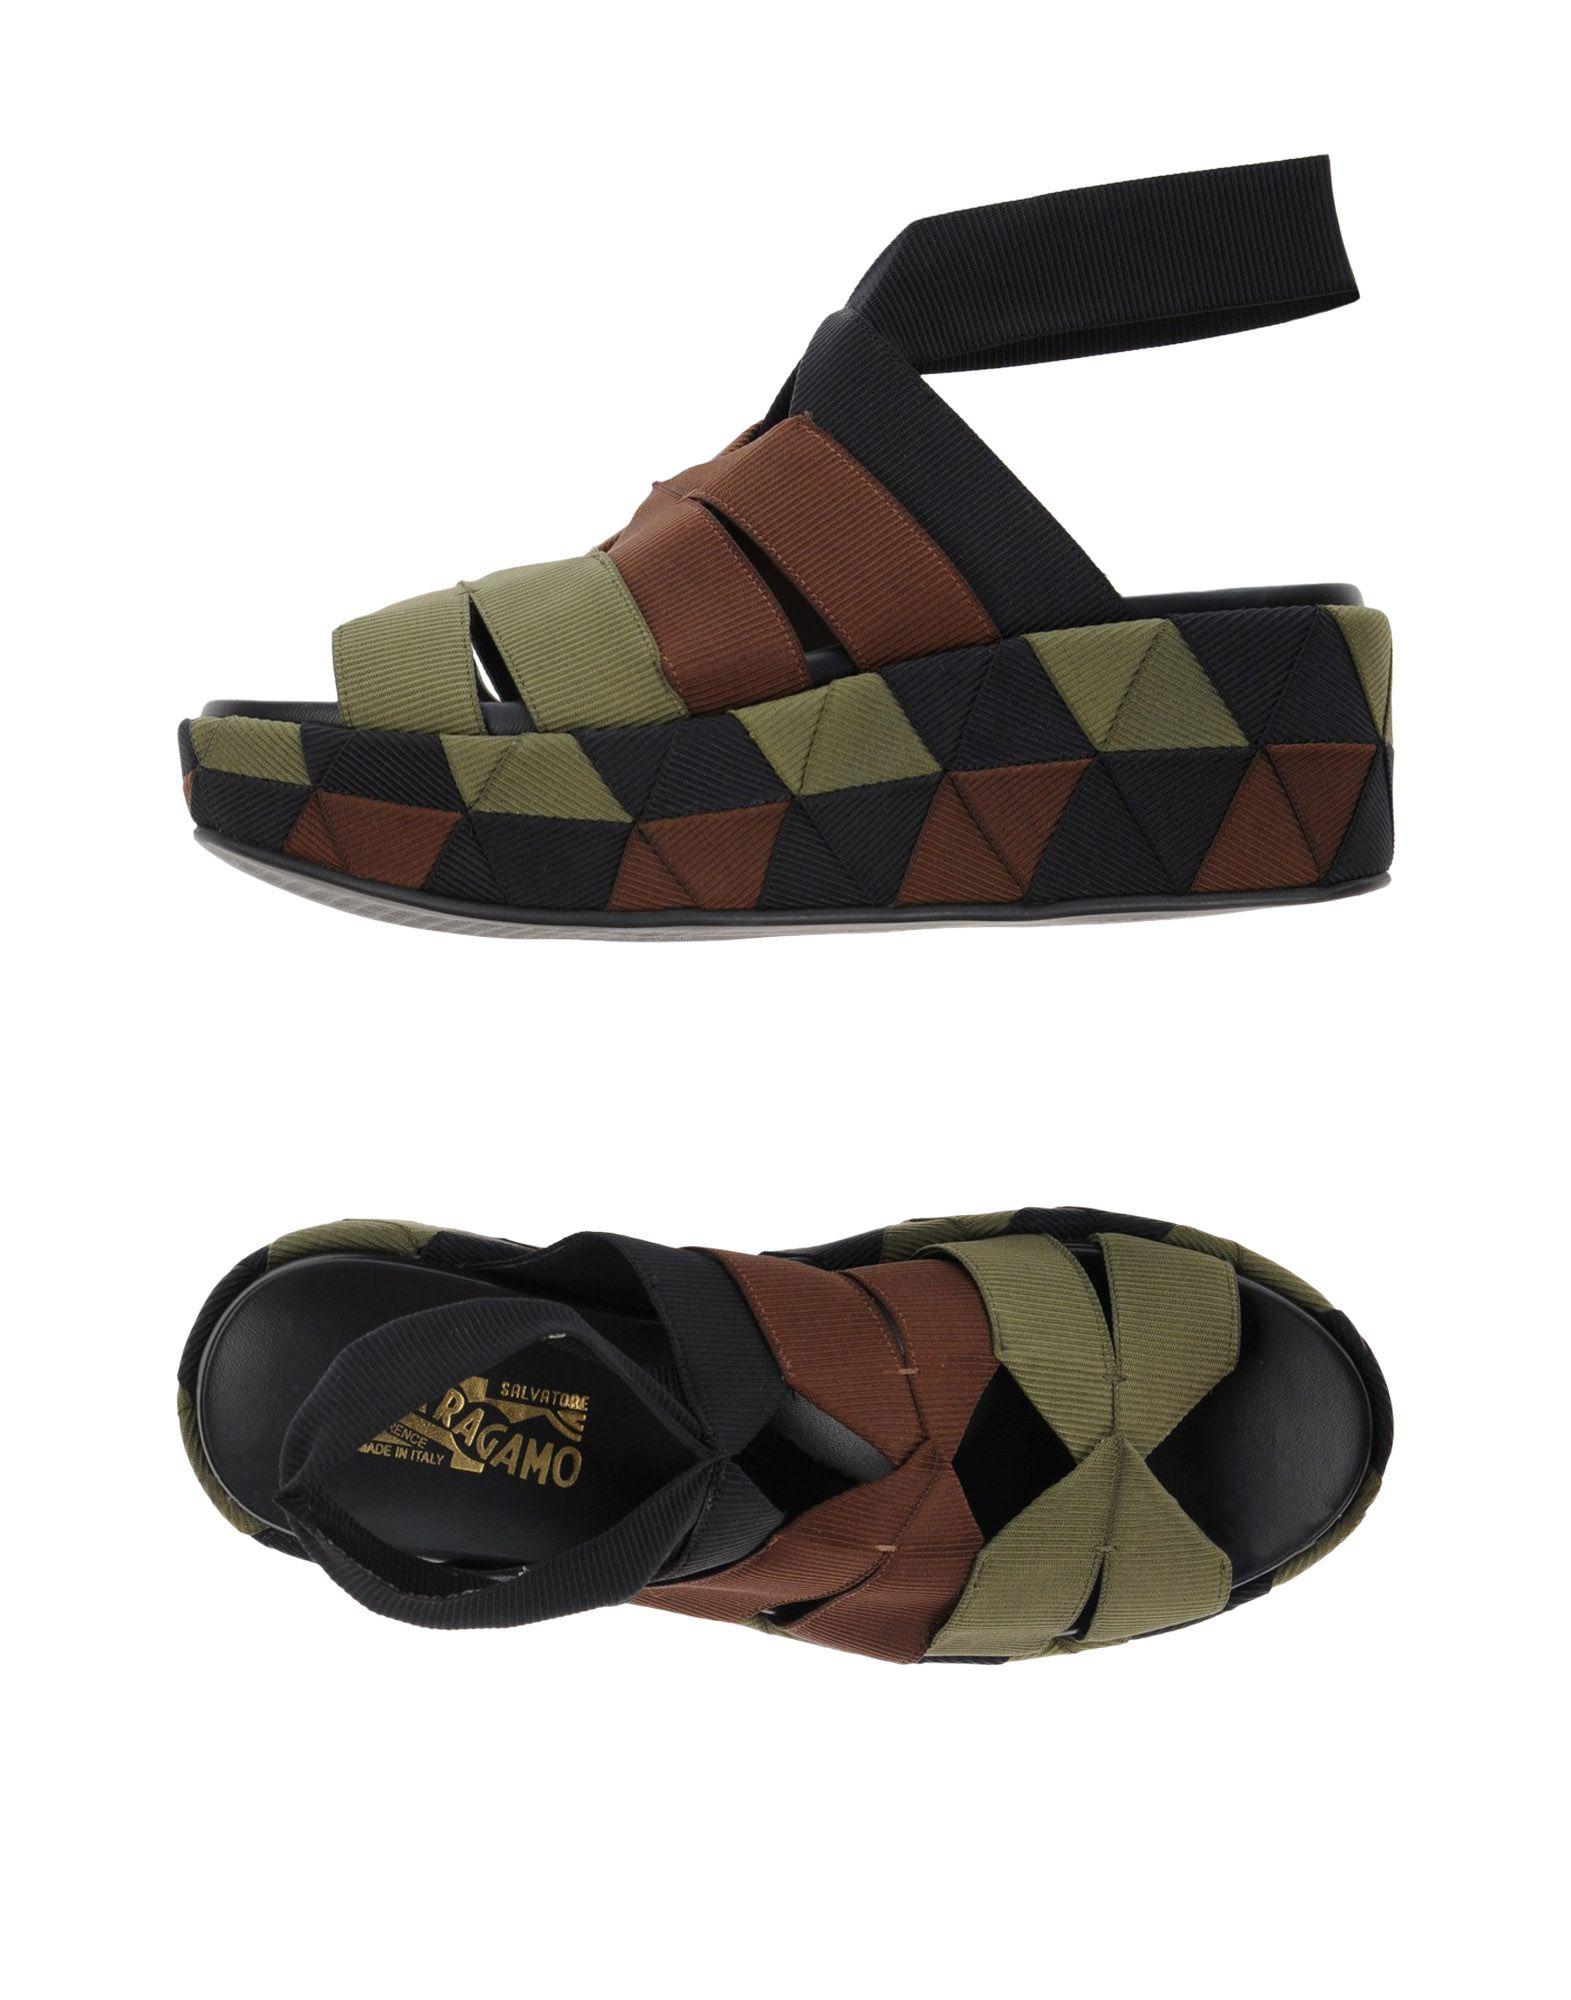 Salvatore Ferragamo Sandalen Damen  11374458DO Beliebte Schuhe